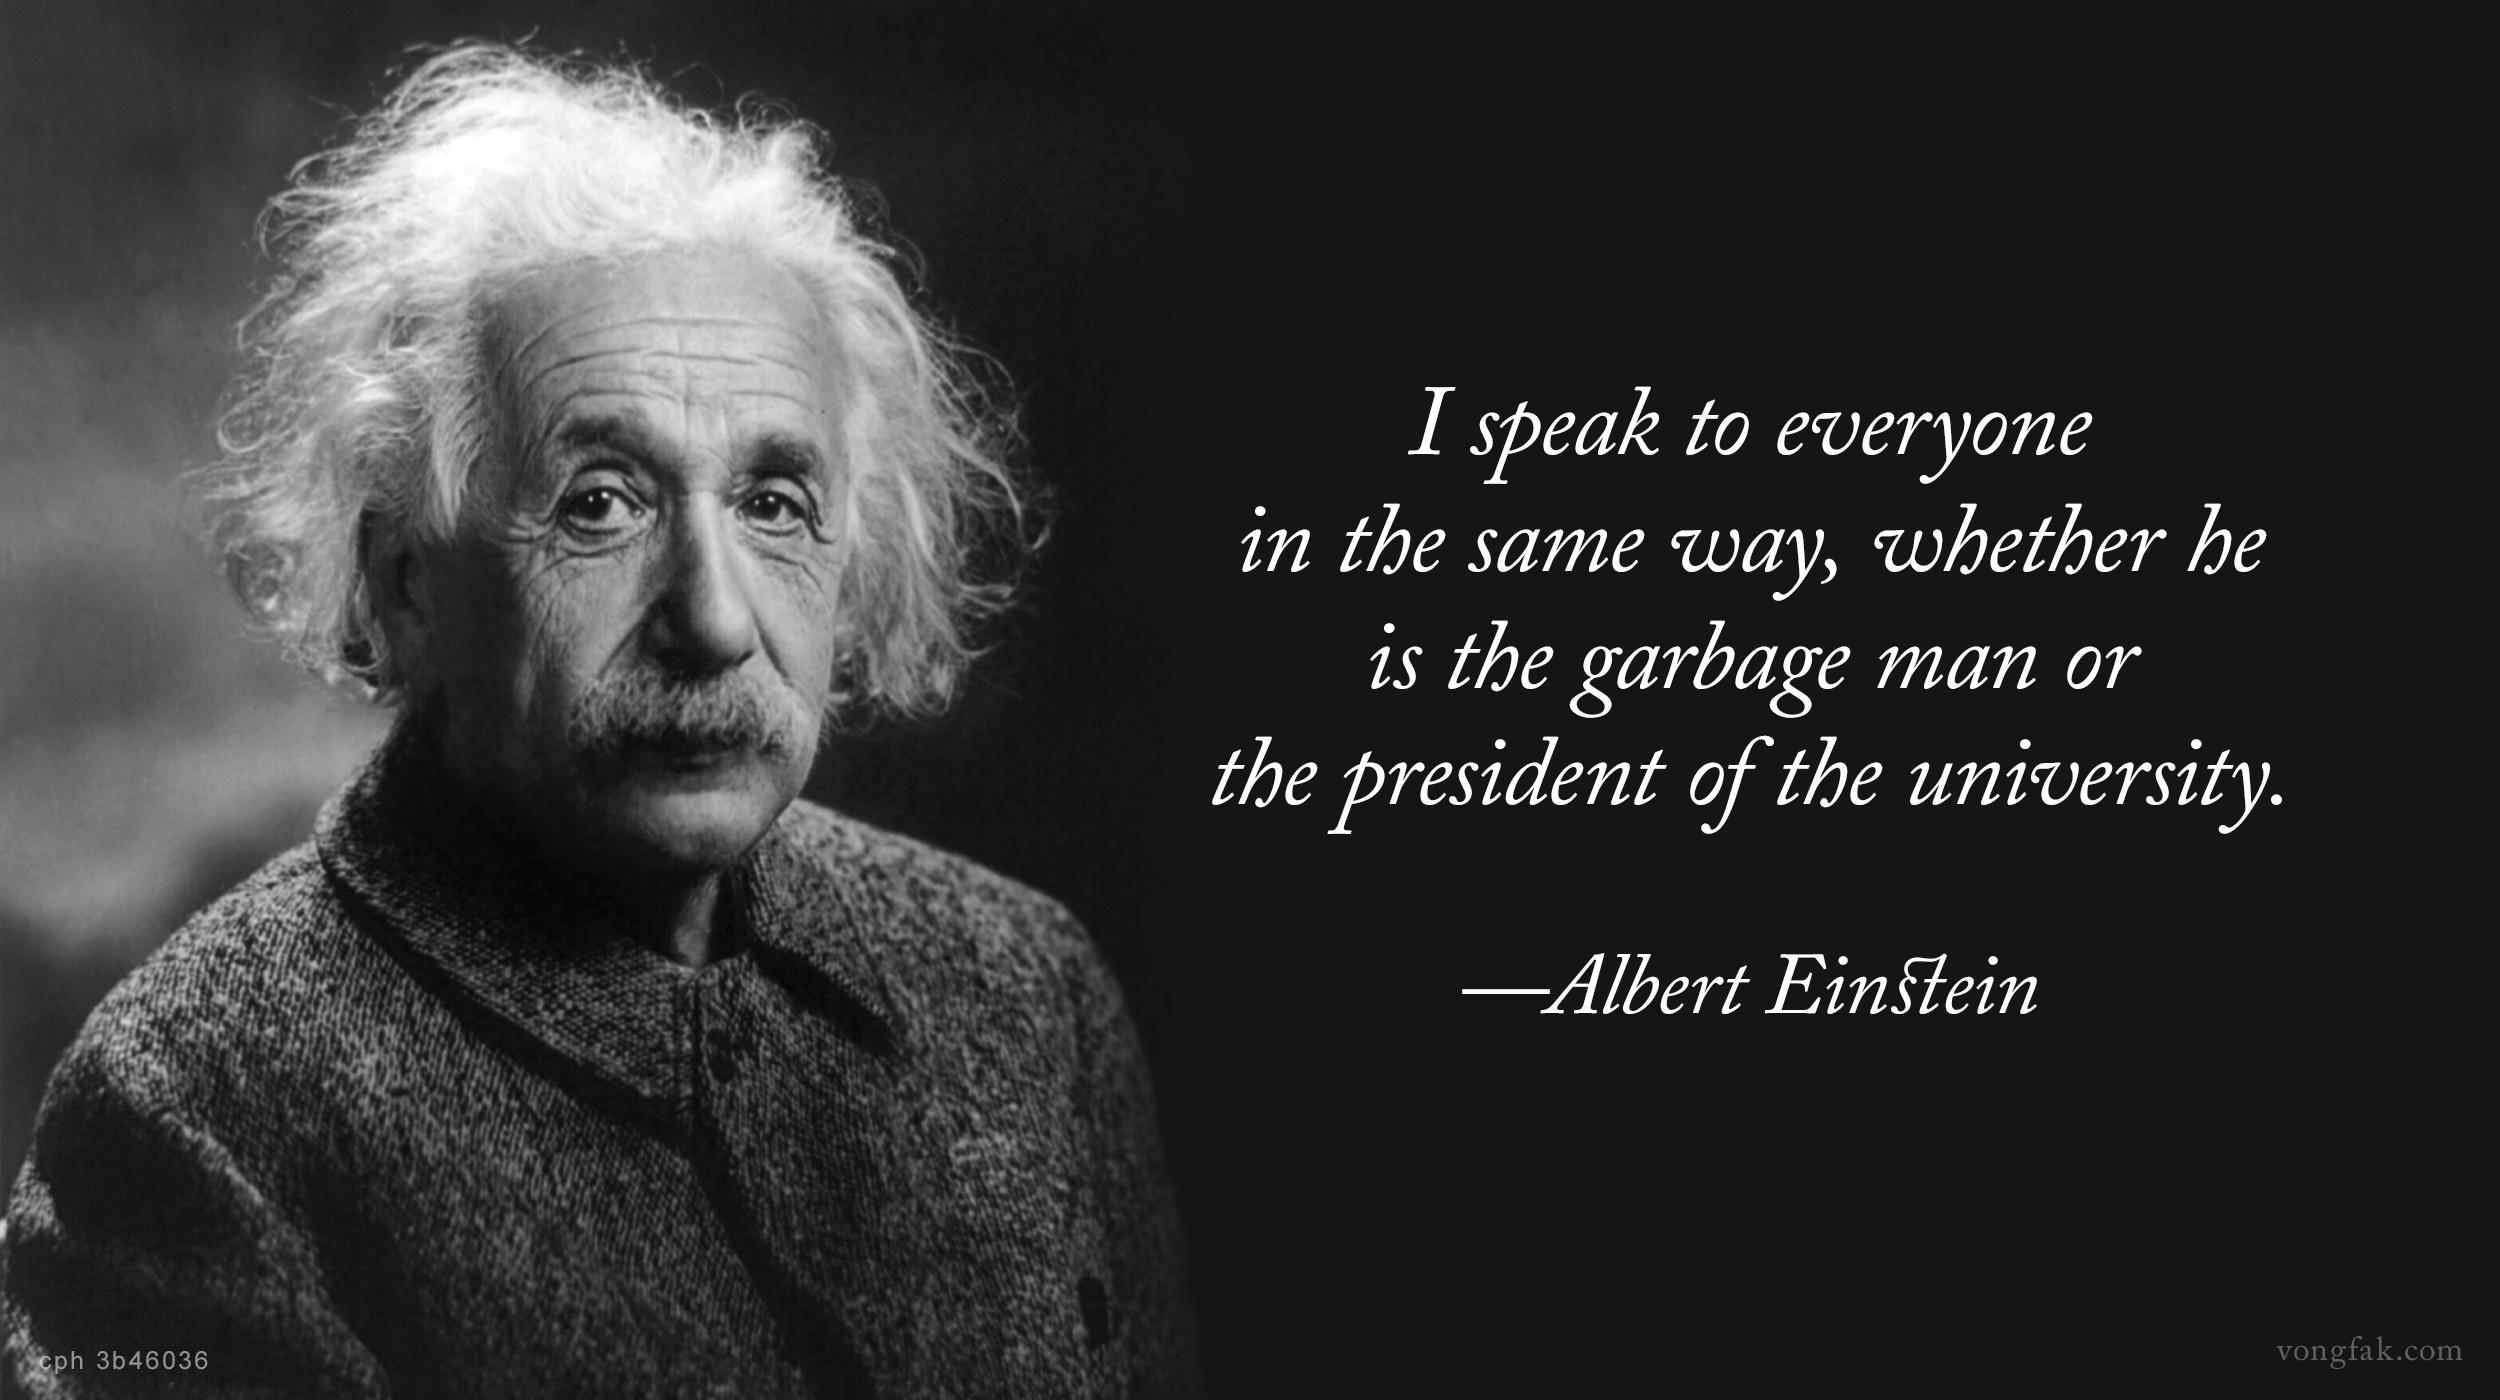 Quote_AlbertEinstein_05.png